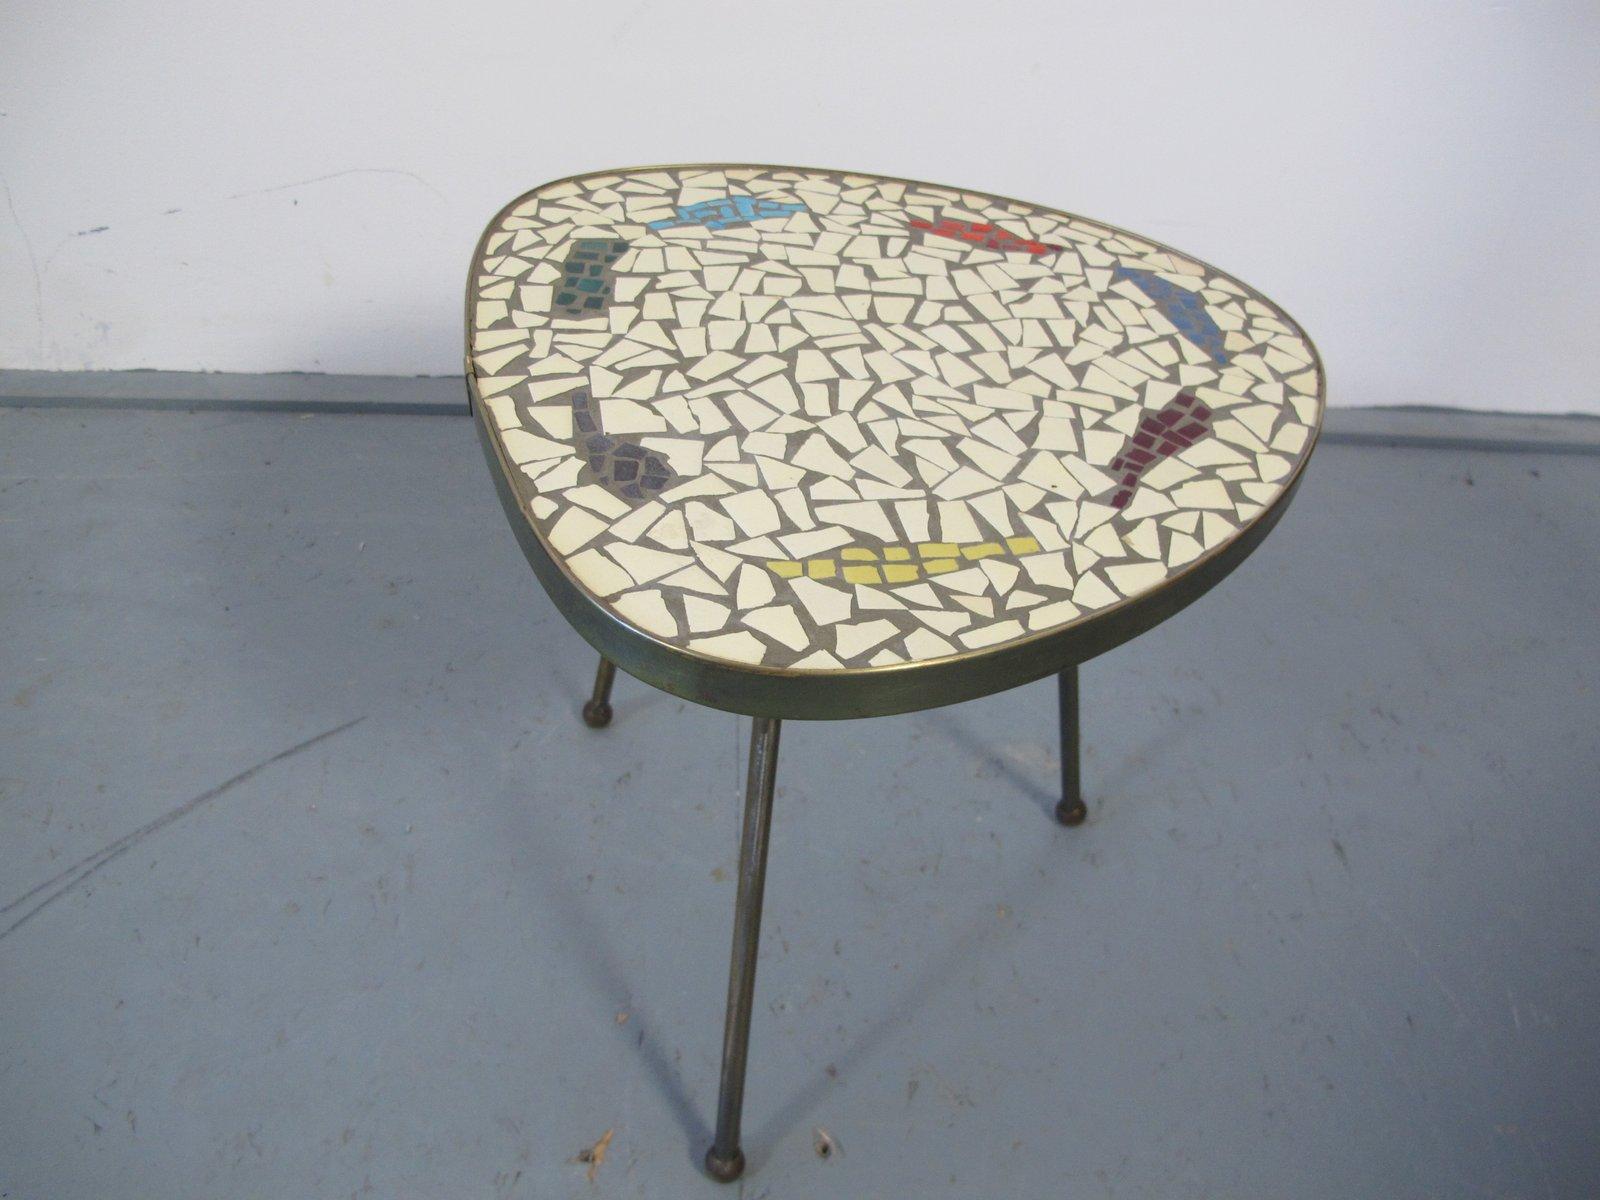 Vintage mosaik und messing beistelltisch 1950er bei for Mosaik beistelltisch